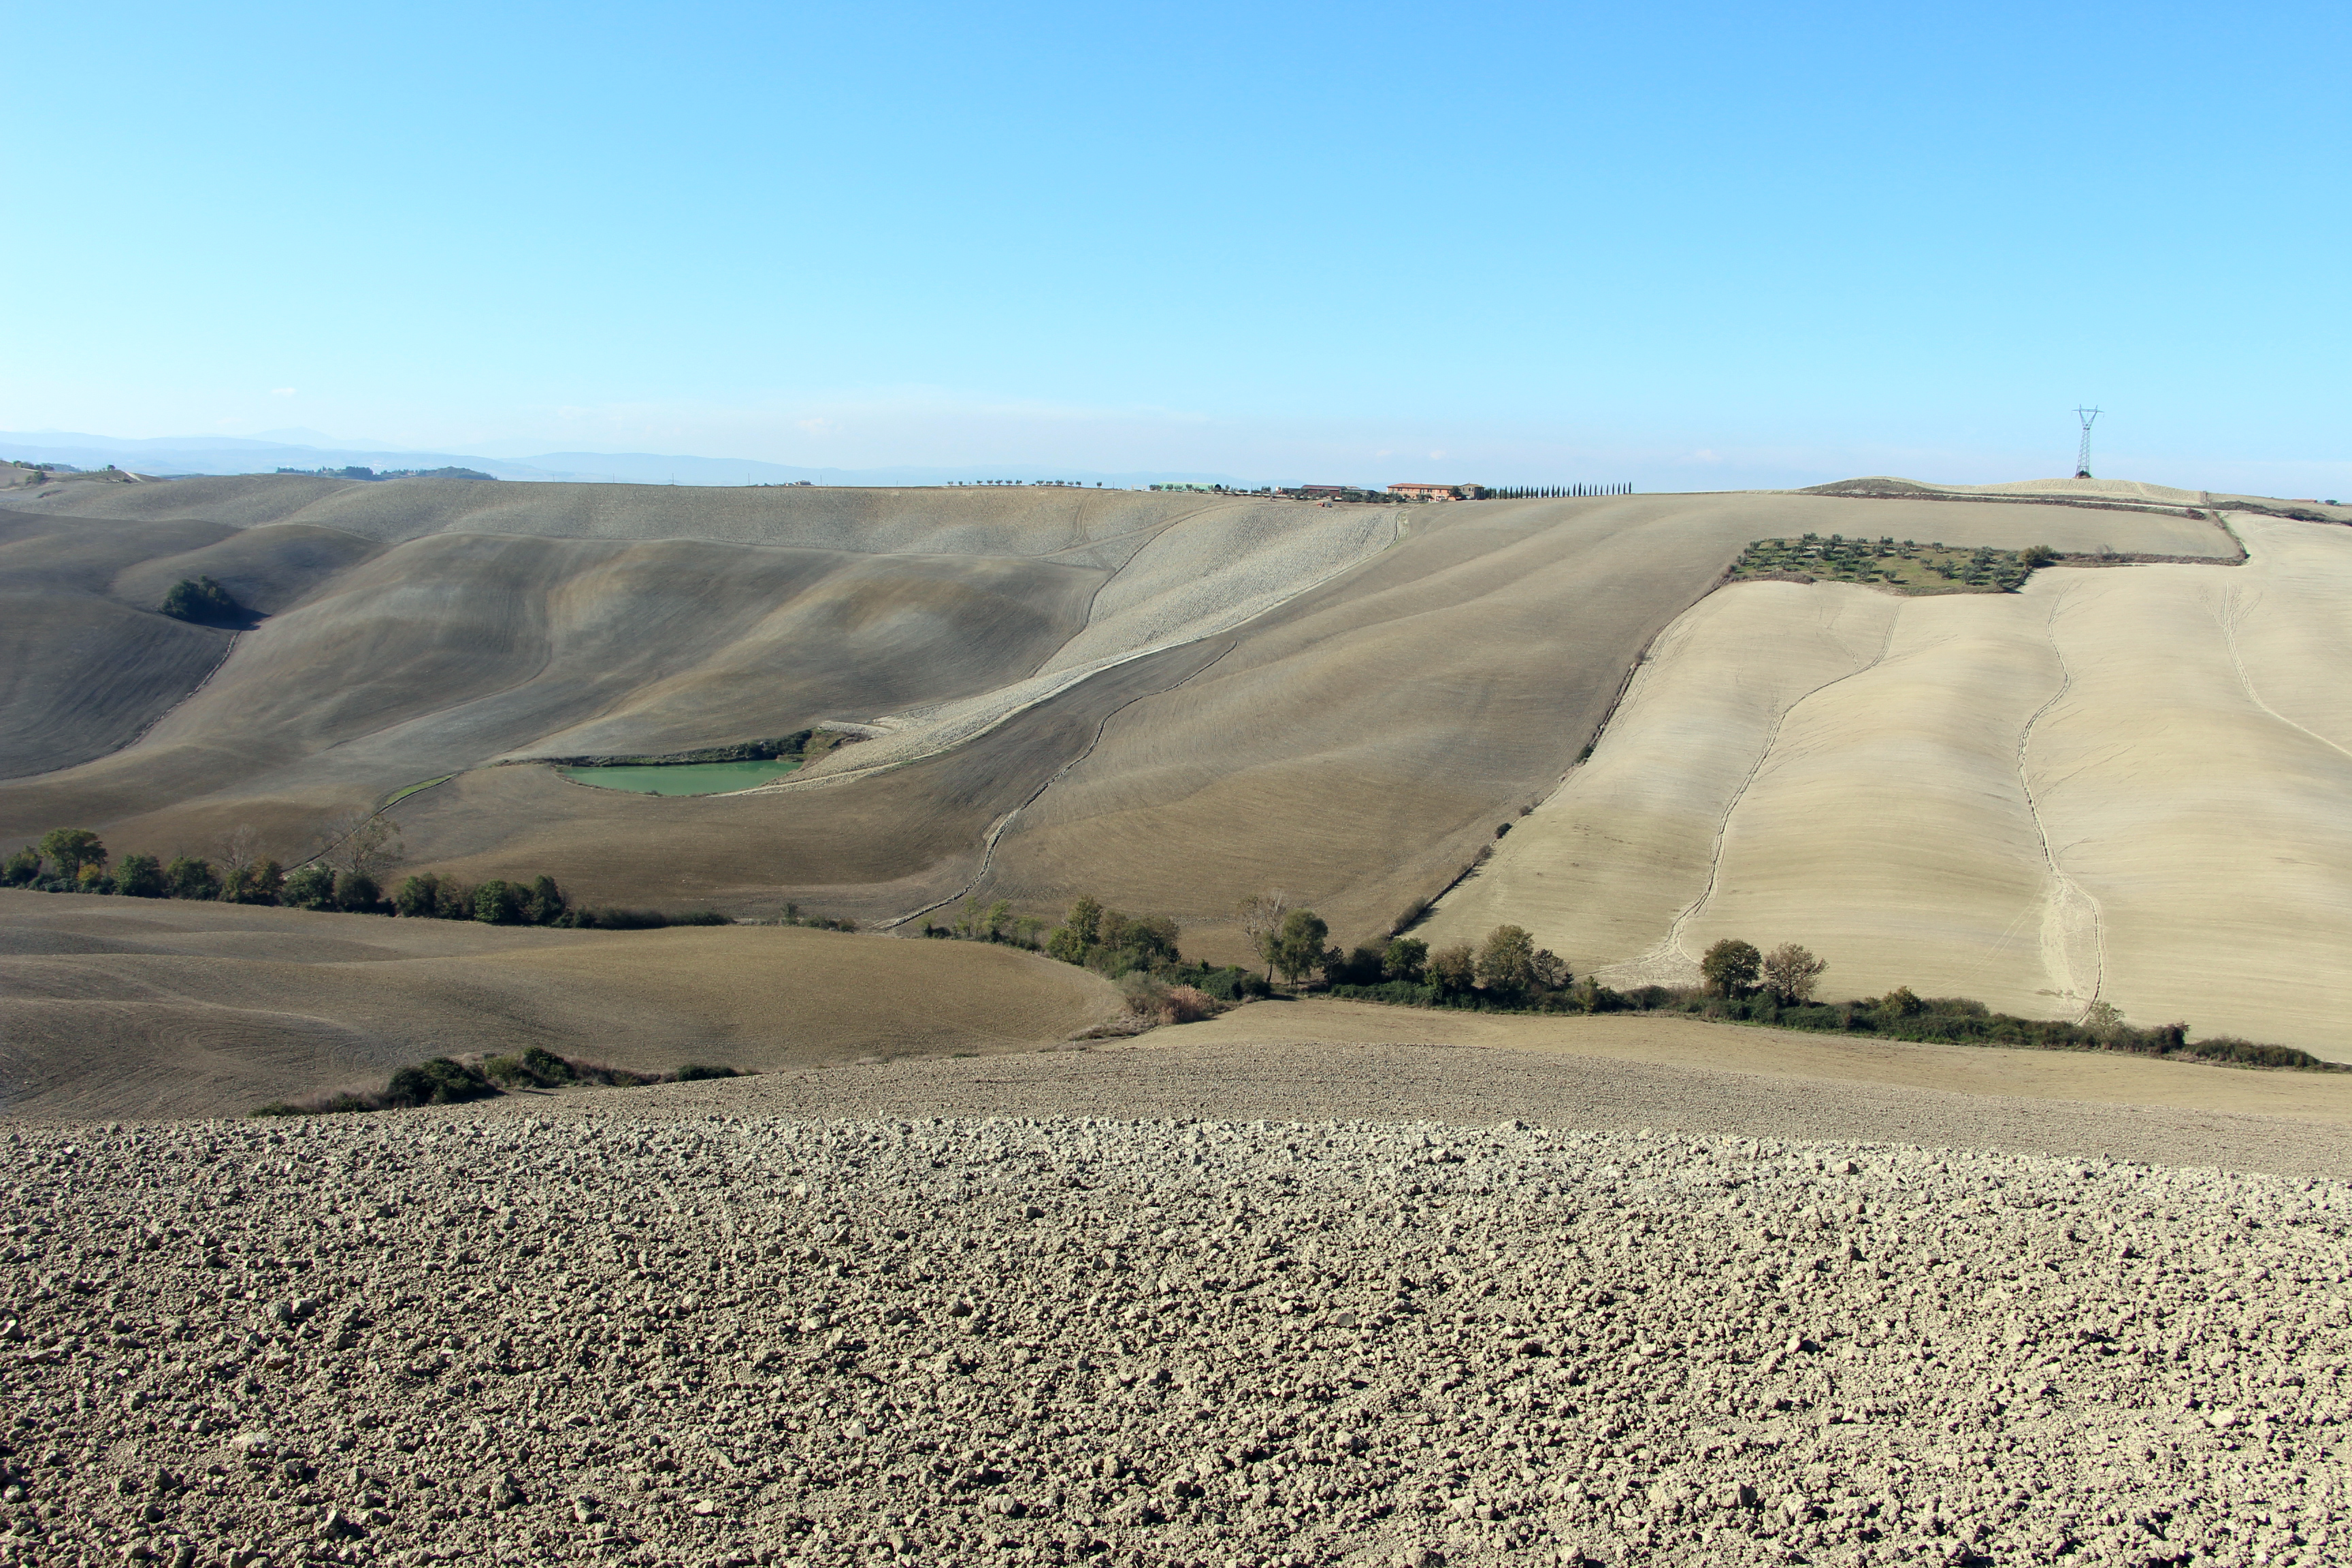 The arid landscape of the Crete Senesi near Asciano